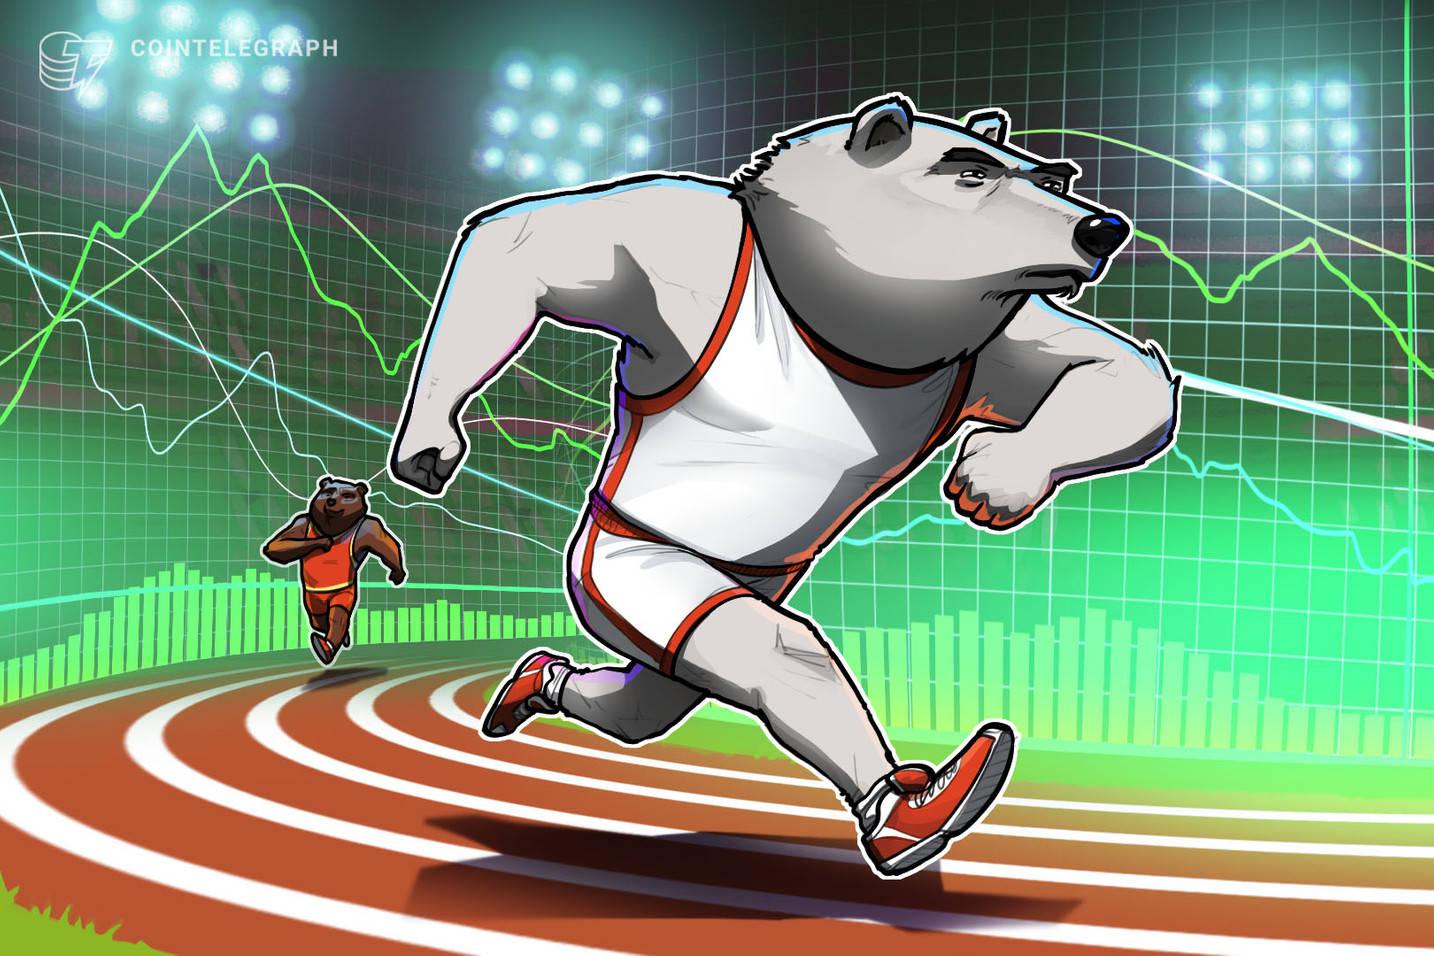 熊市退缩,但比特币价格仍低于 35,000 美元